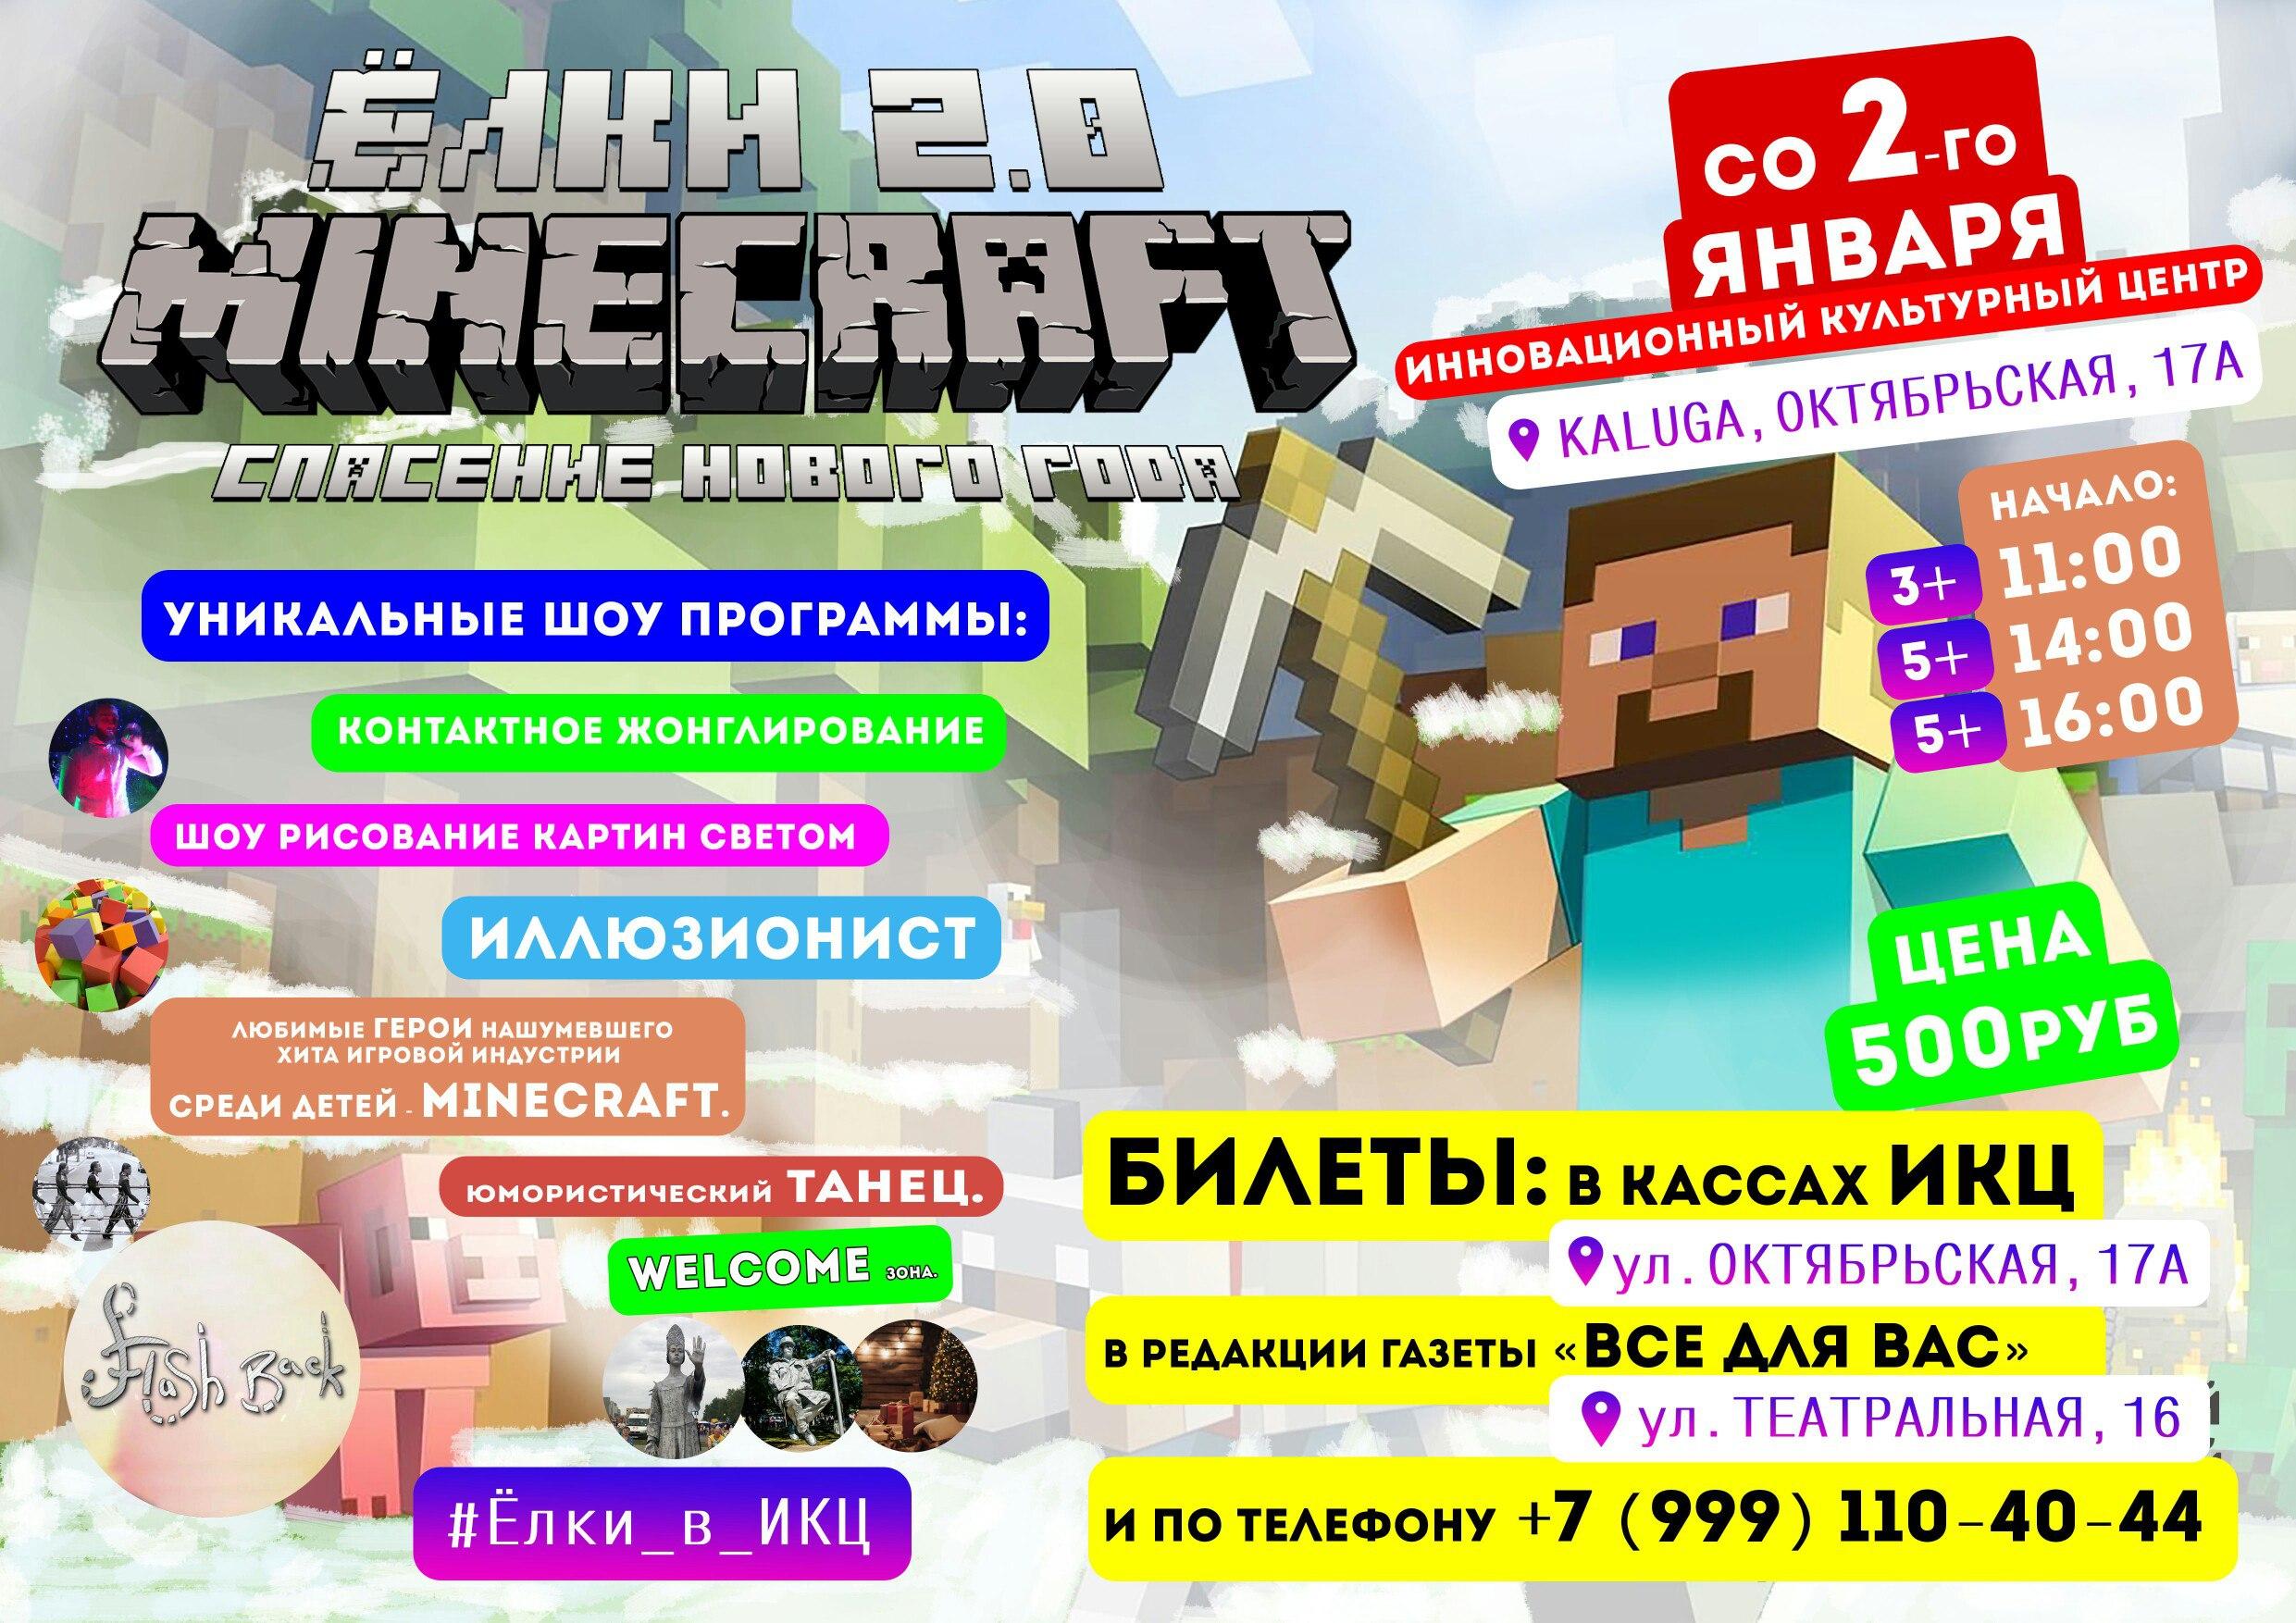 """Детское представление """"Ёлки 2.0 спасение нового года Minecraft"""""""